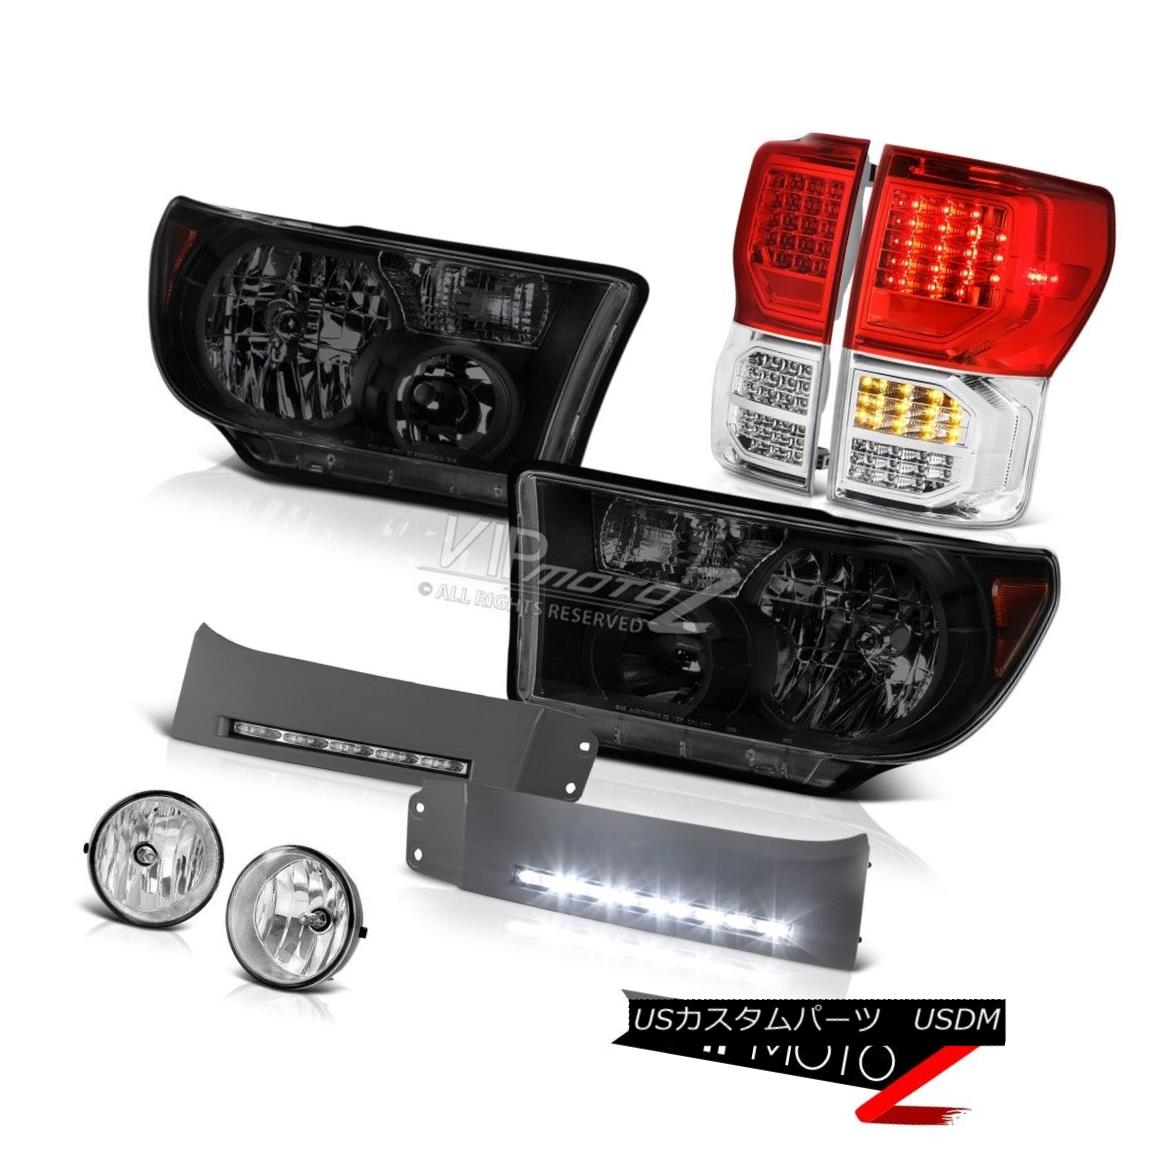 ヘッドライト 07-13 Toyota Tundra SR5 Red Tail Lights Headlamps Daytime Running Fog OE Style 07-13トヨタトンドラSR5レッドテールライトヘッドランプデイタイムランニングフォグOEスタイル